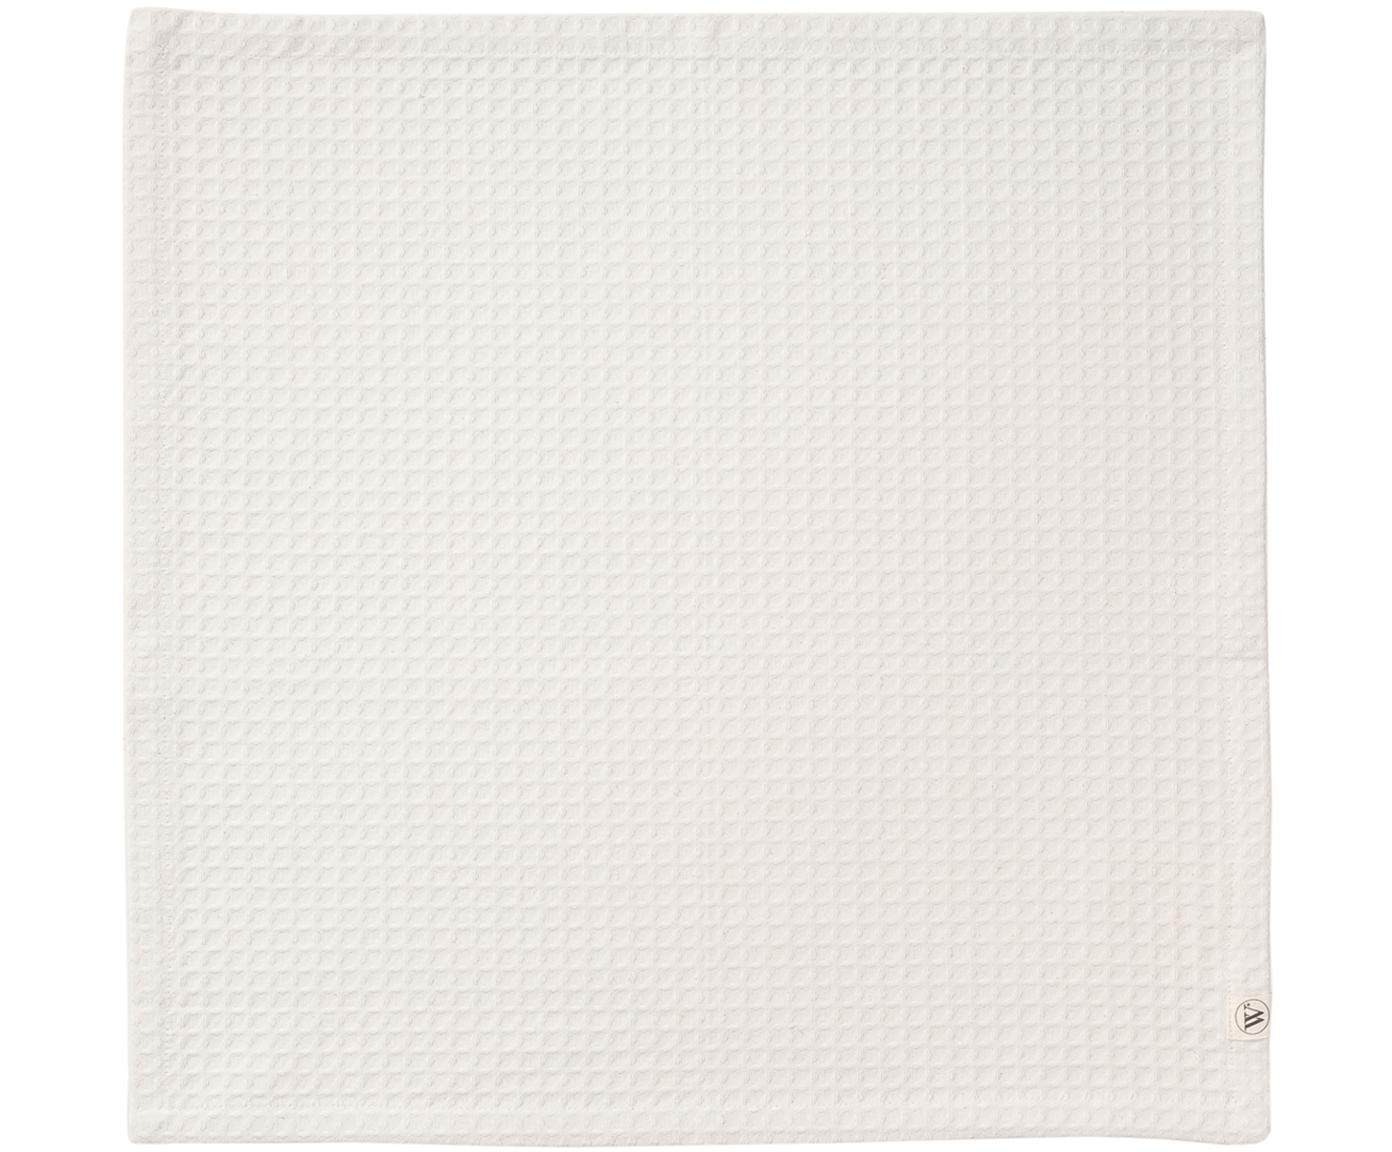 Serwetki z bawełny Cubes, 6 szt., Bawełna, Złamana biel, S 50 x D 50 cm